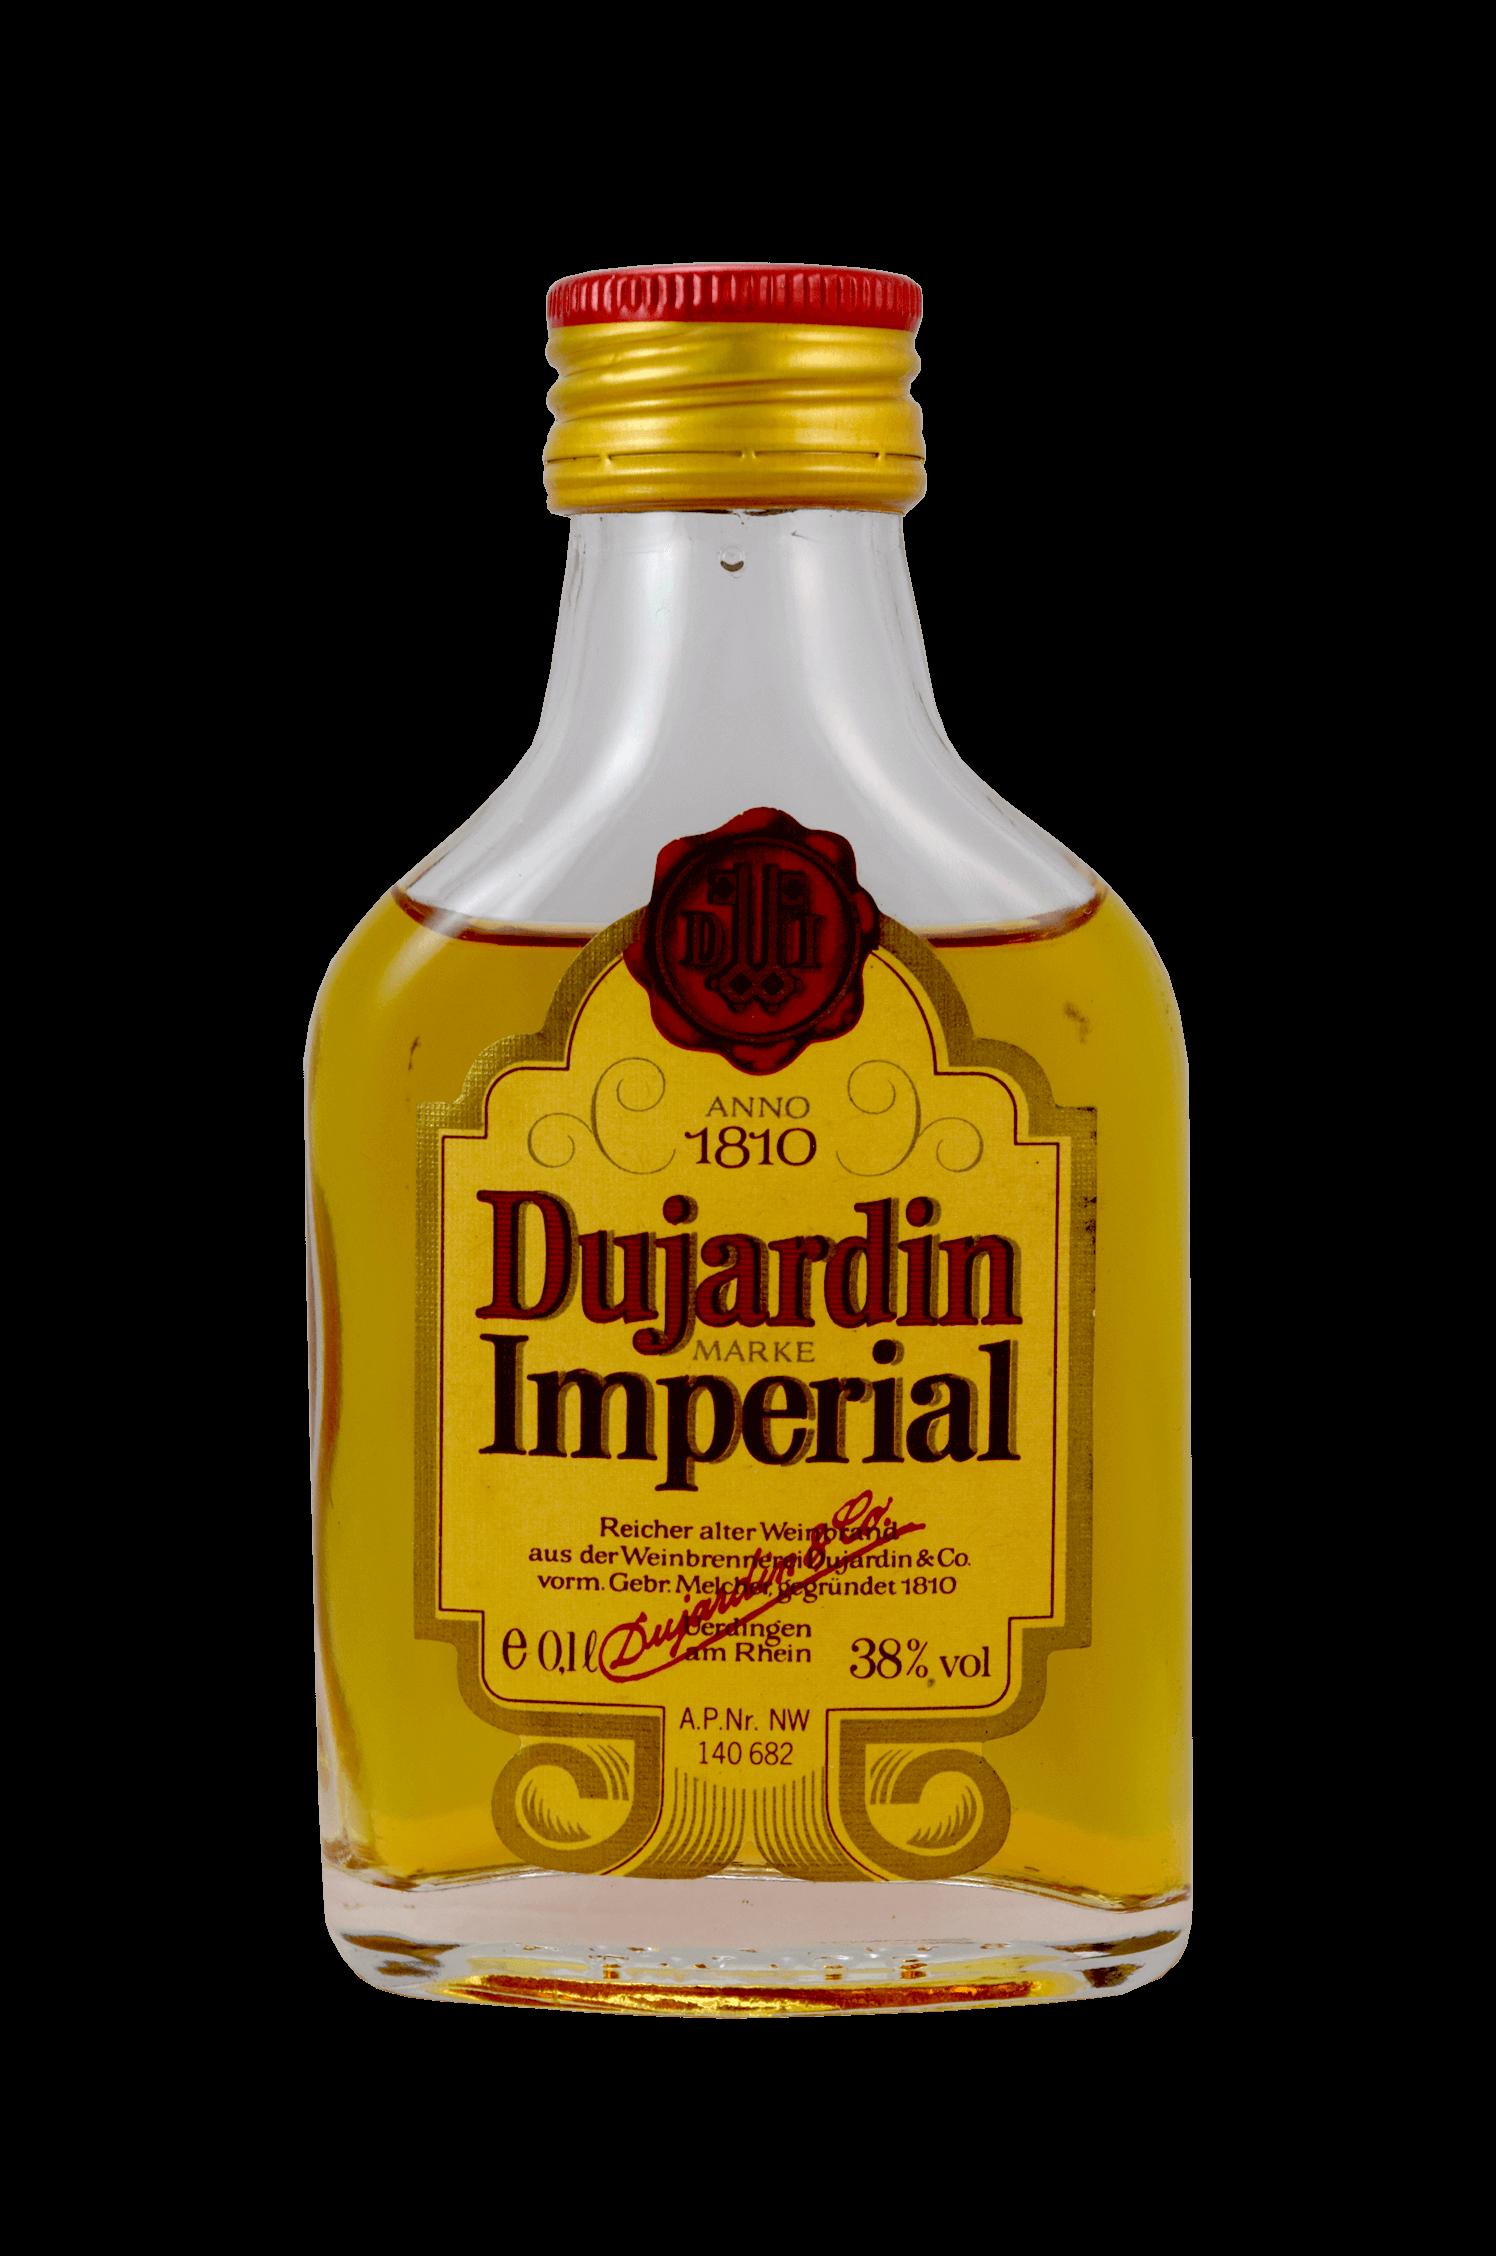 Dujardin Marke Imperial